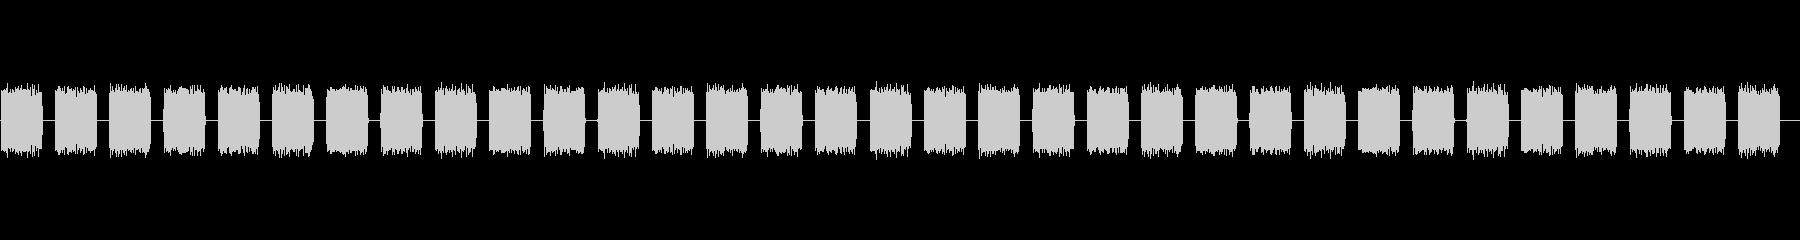 電子高速技術バズスペースアラームの未再生の波形